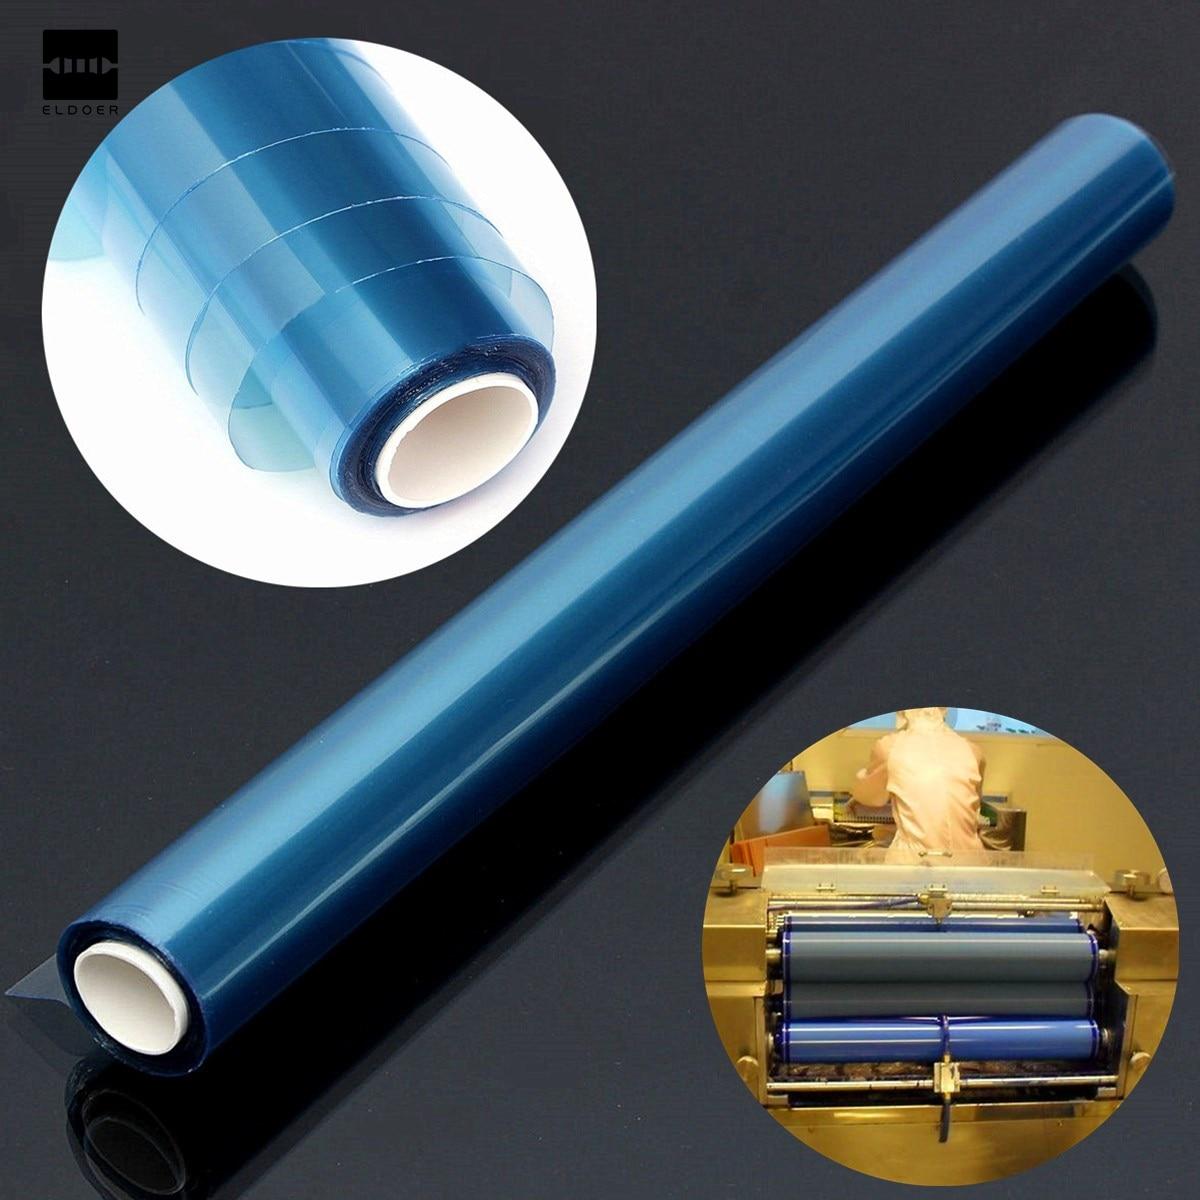 Печатная плата 2020, портативная фоточувствительная сухая пленка для производства печатных плат, фоторезистые листы 30 см x 5 м для покрытия от...